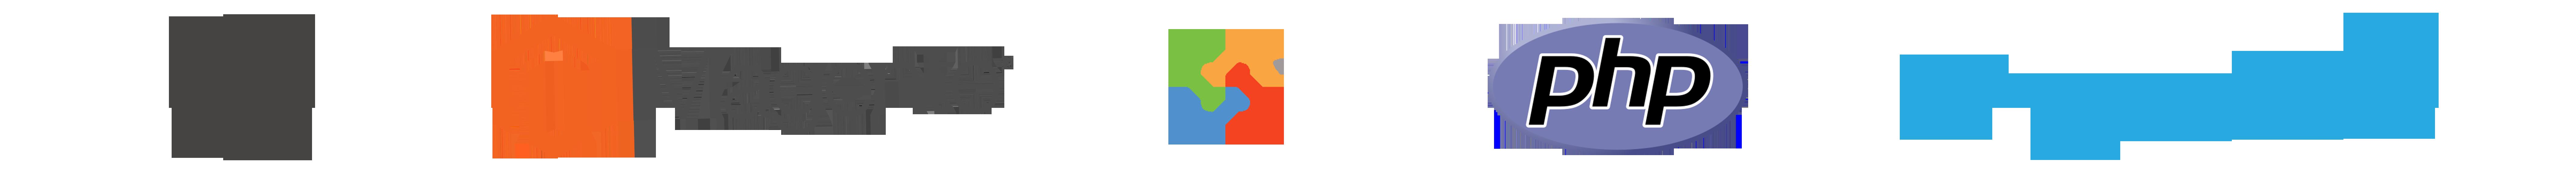 Software Hosting banner